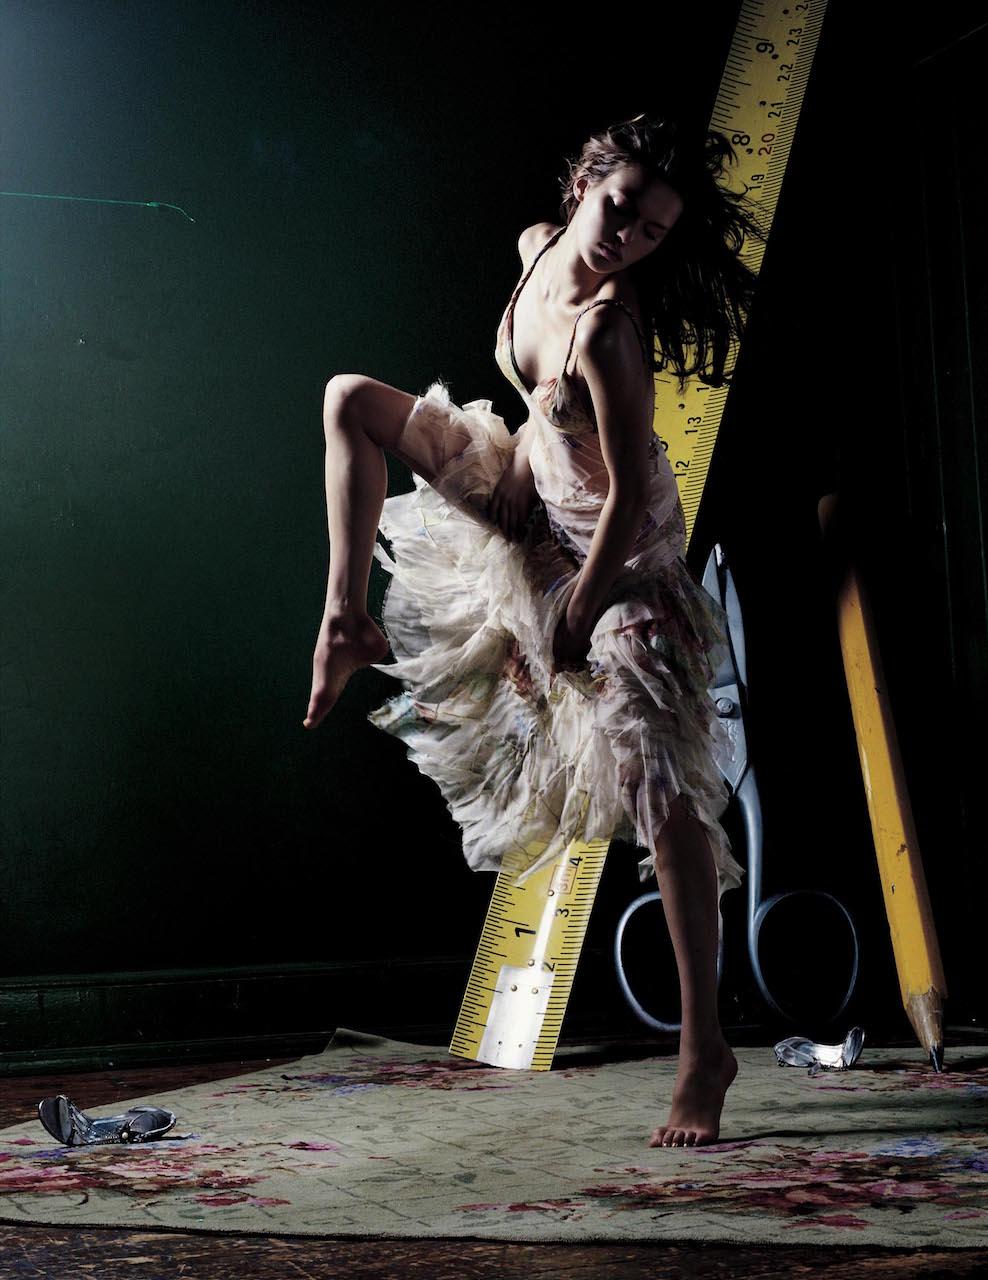 Ballet-06_v2-RGBcr2.jpg